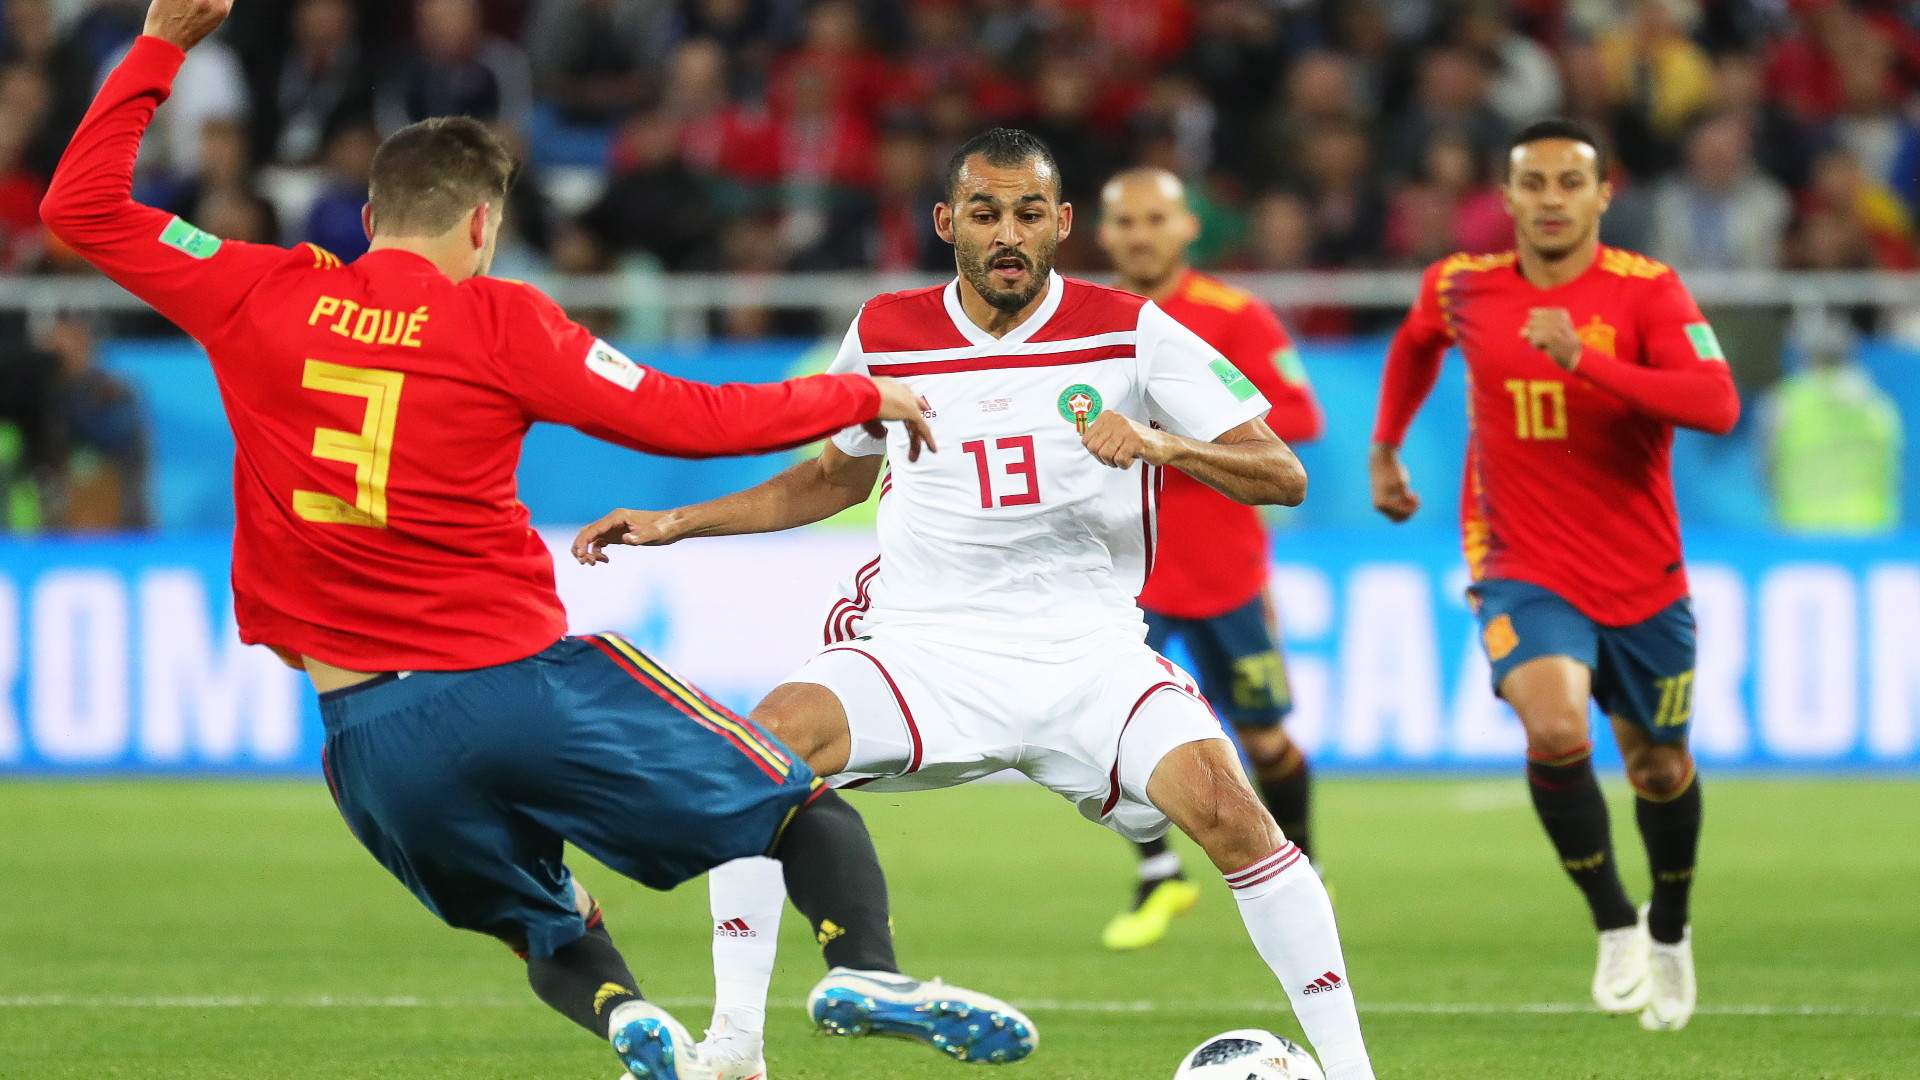 90beadfdb Rosja 2018: wielkie emocje w meczach grupy B. Faworyci awansowali w bólach  [12. DZIEŃ MUNDIALU NA ŻYWO] - Rosja 2018 - polskieradio24.pl